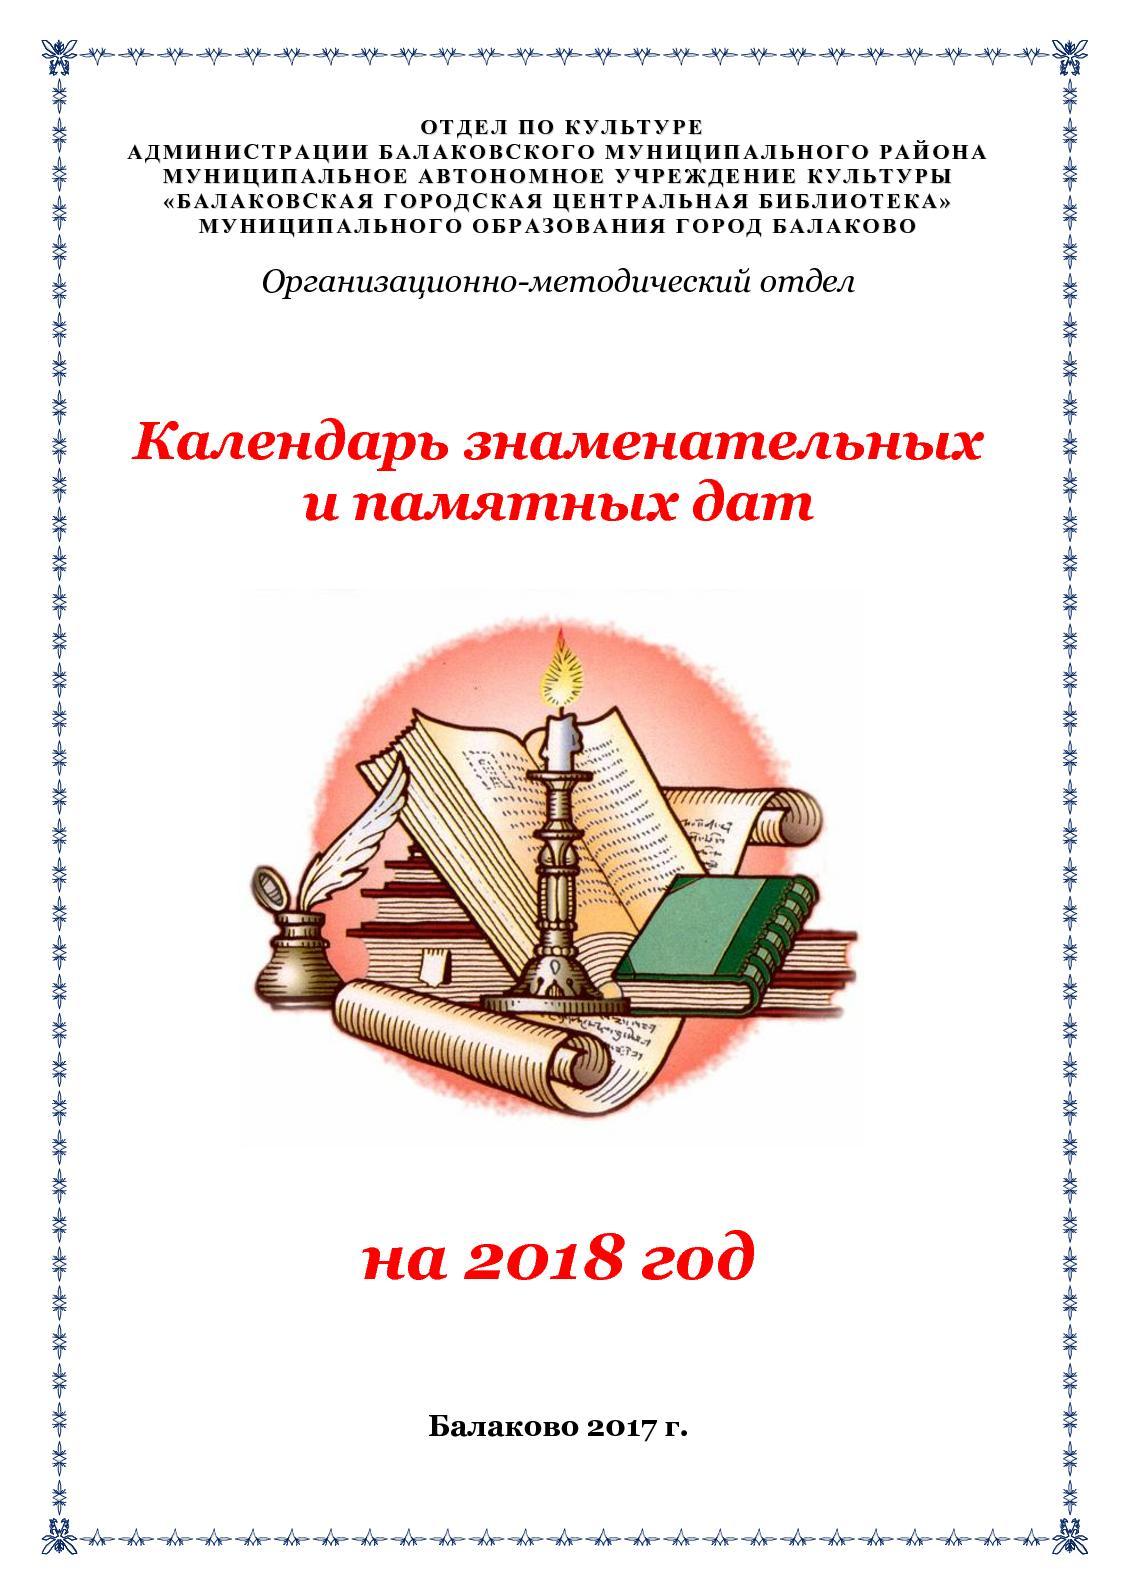 Календарь памятных и знаменательных дат 2018 года в России